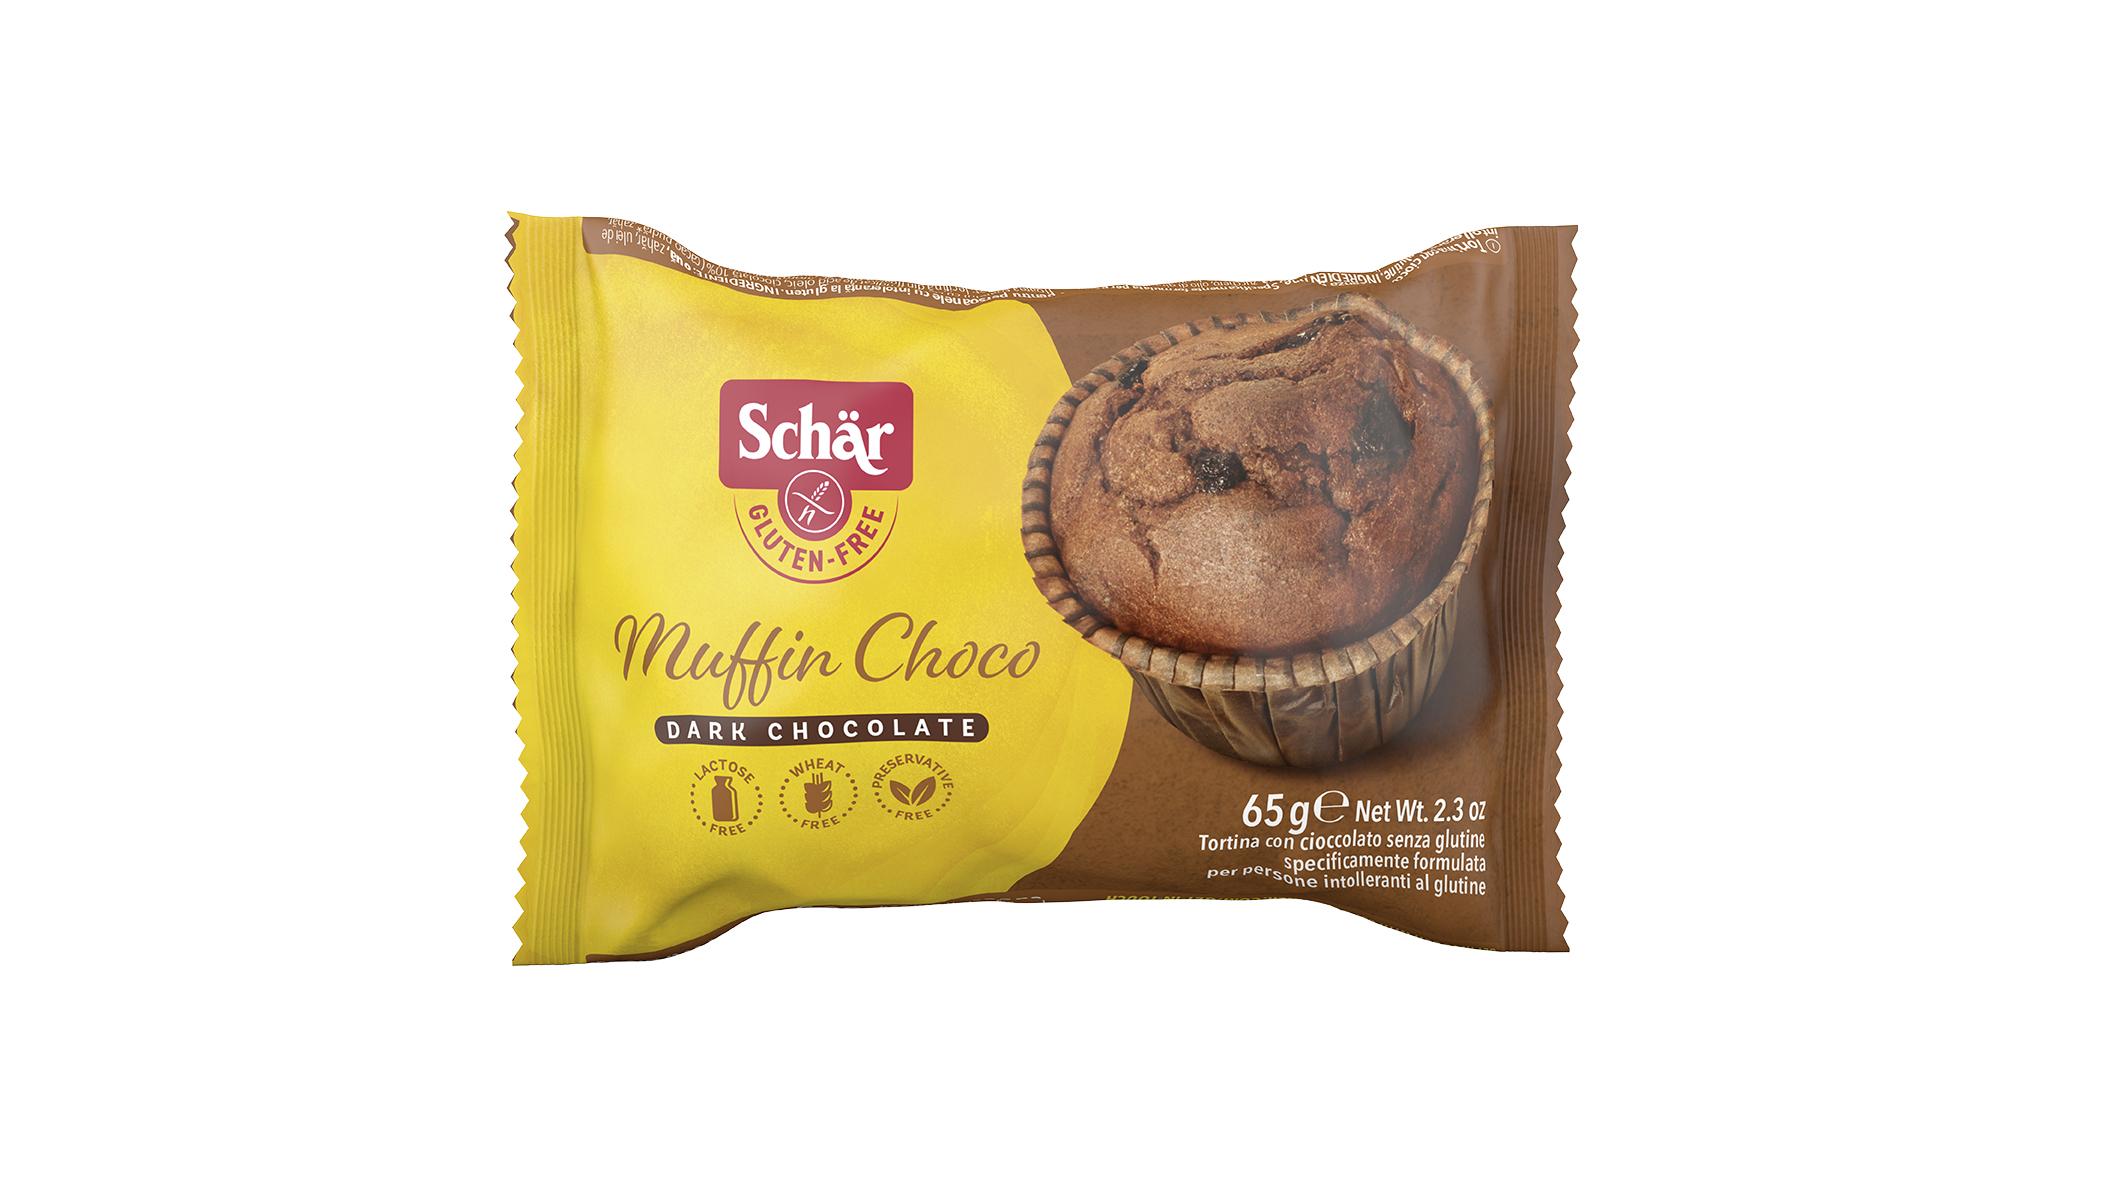 Čokoladni muffin - Muffin Choco